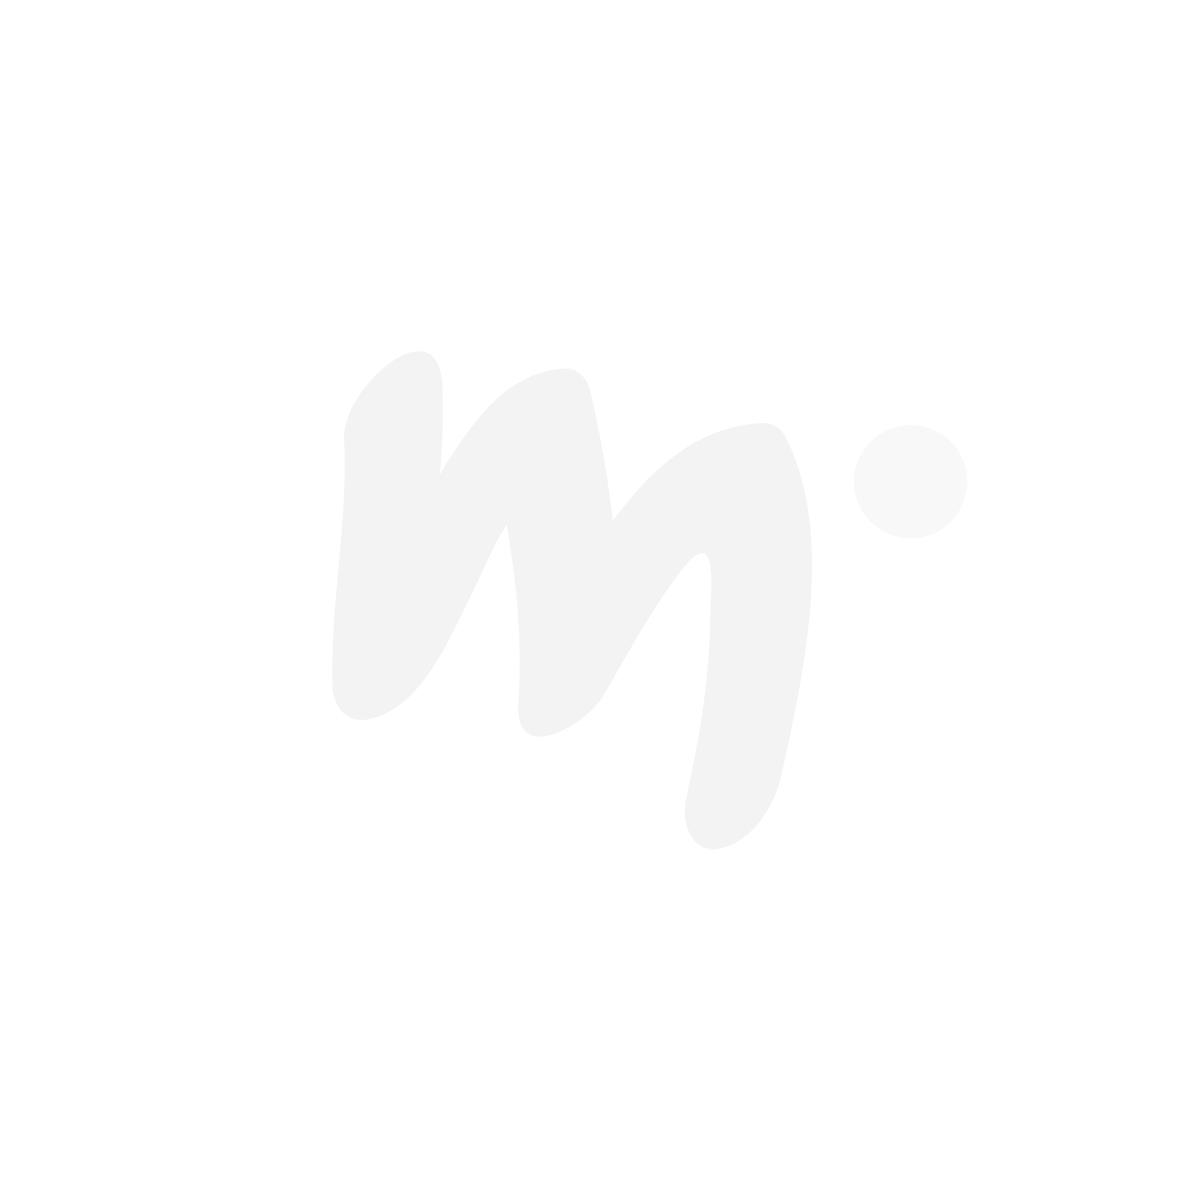 Mauri Kunnas Joulupalapelisetti 2 x 40 palaa